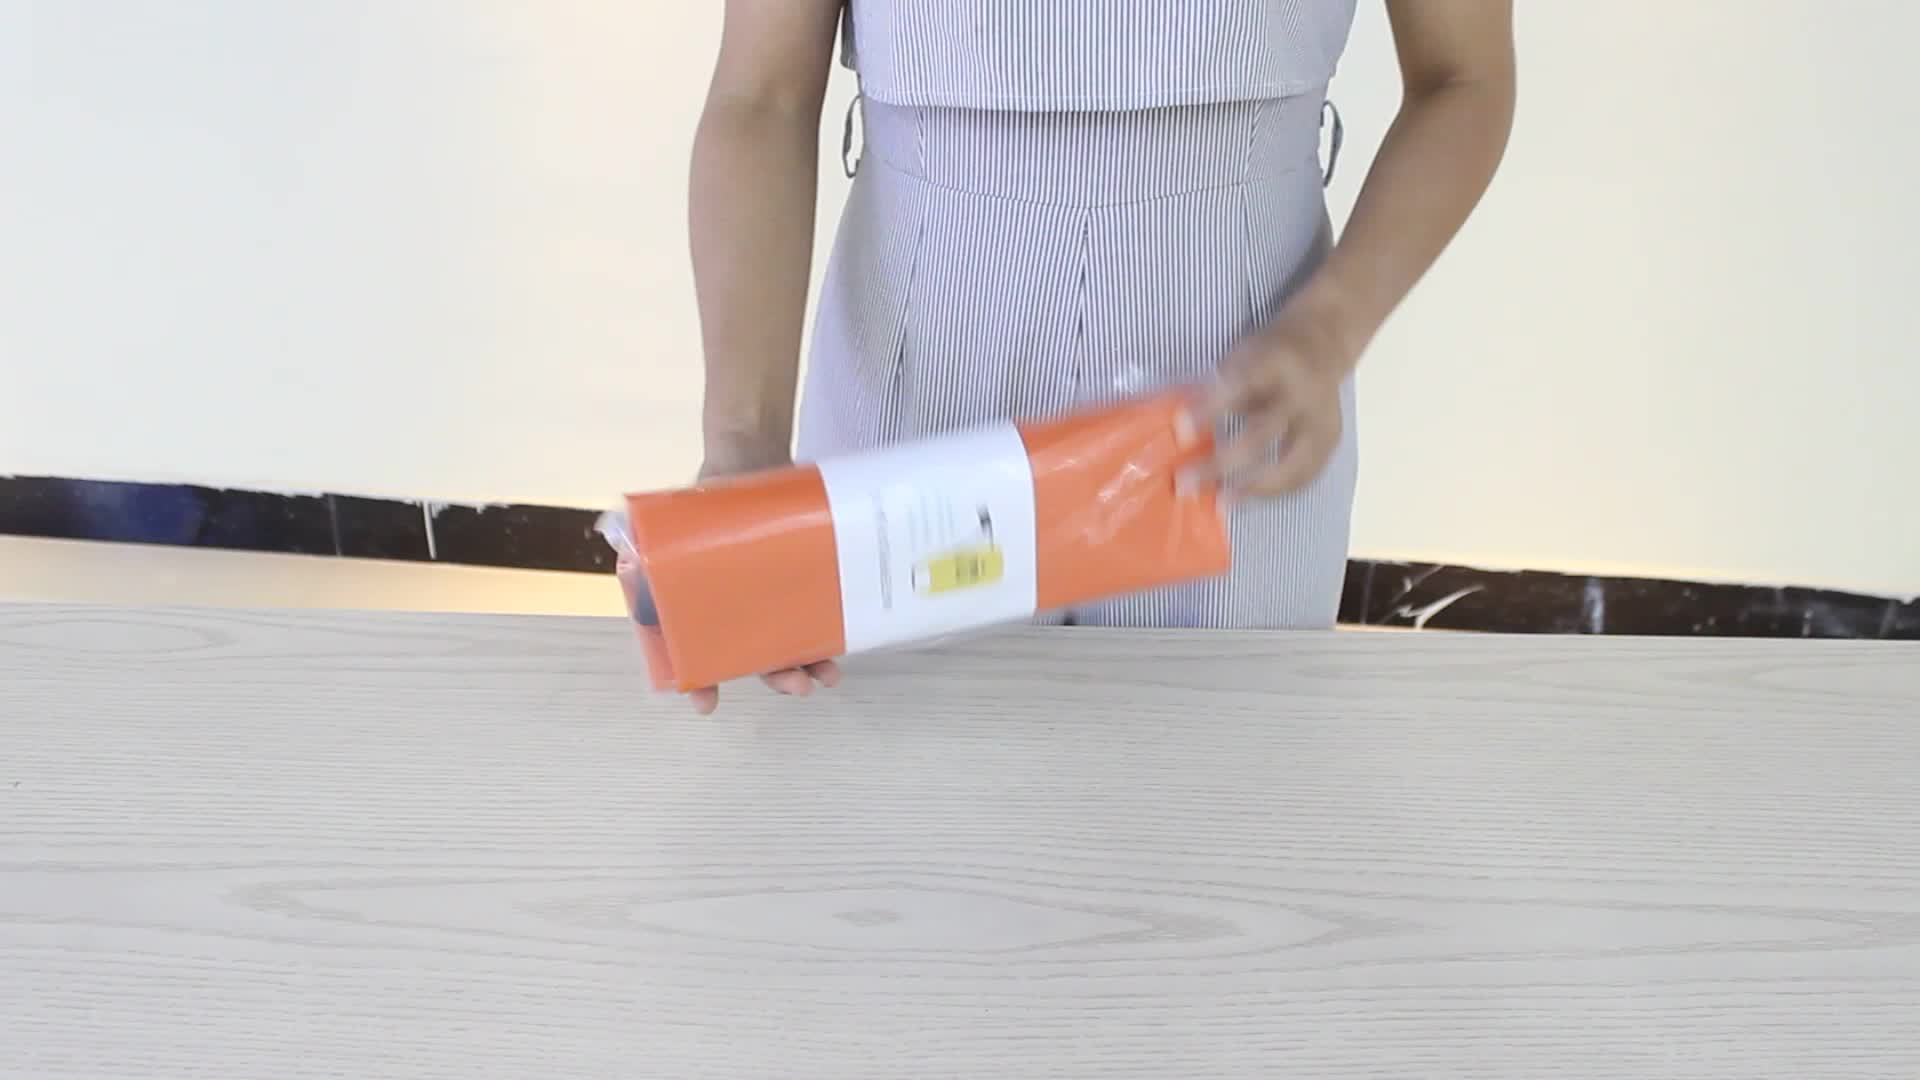 Personalizado Portátil Fábrica Por Atacado PVC Saco Seco Impermeável com Alças para Acampamento Ao Ar Livre e Caminhadas